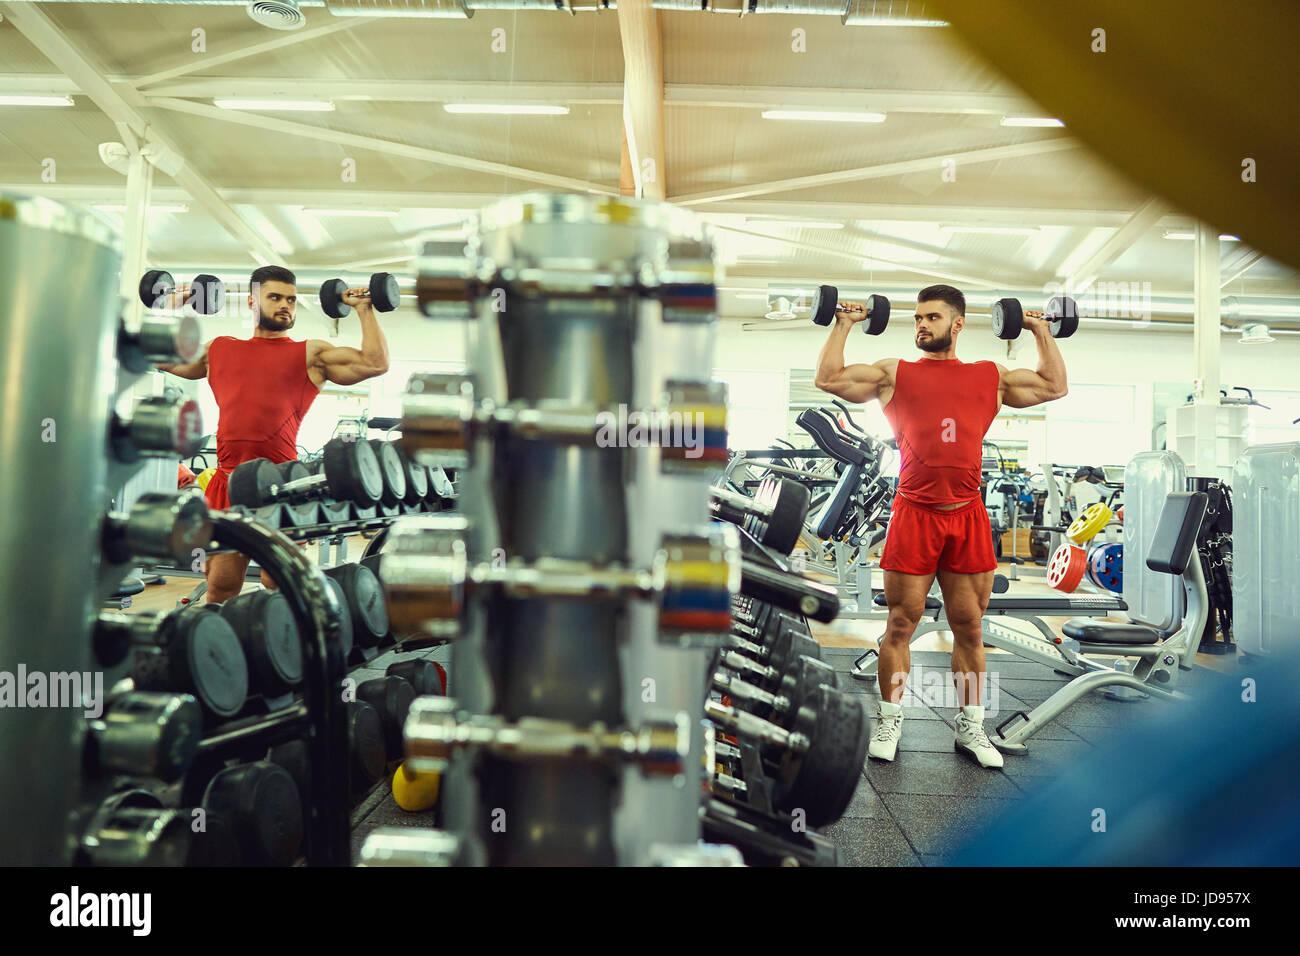 Faire des exercices avec haltères bodybuilder dans la salle de sport Photo Stock